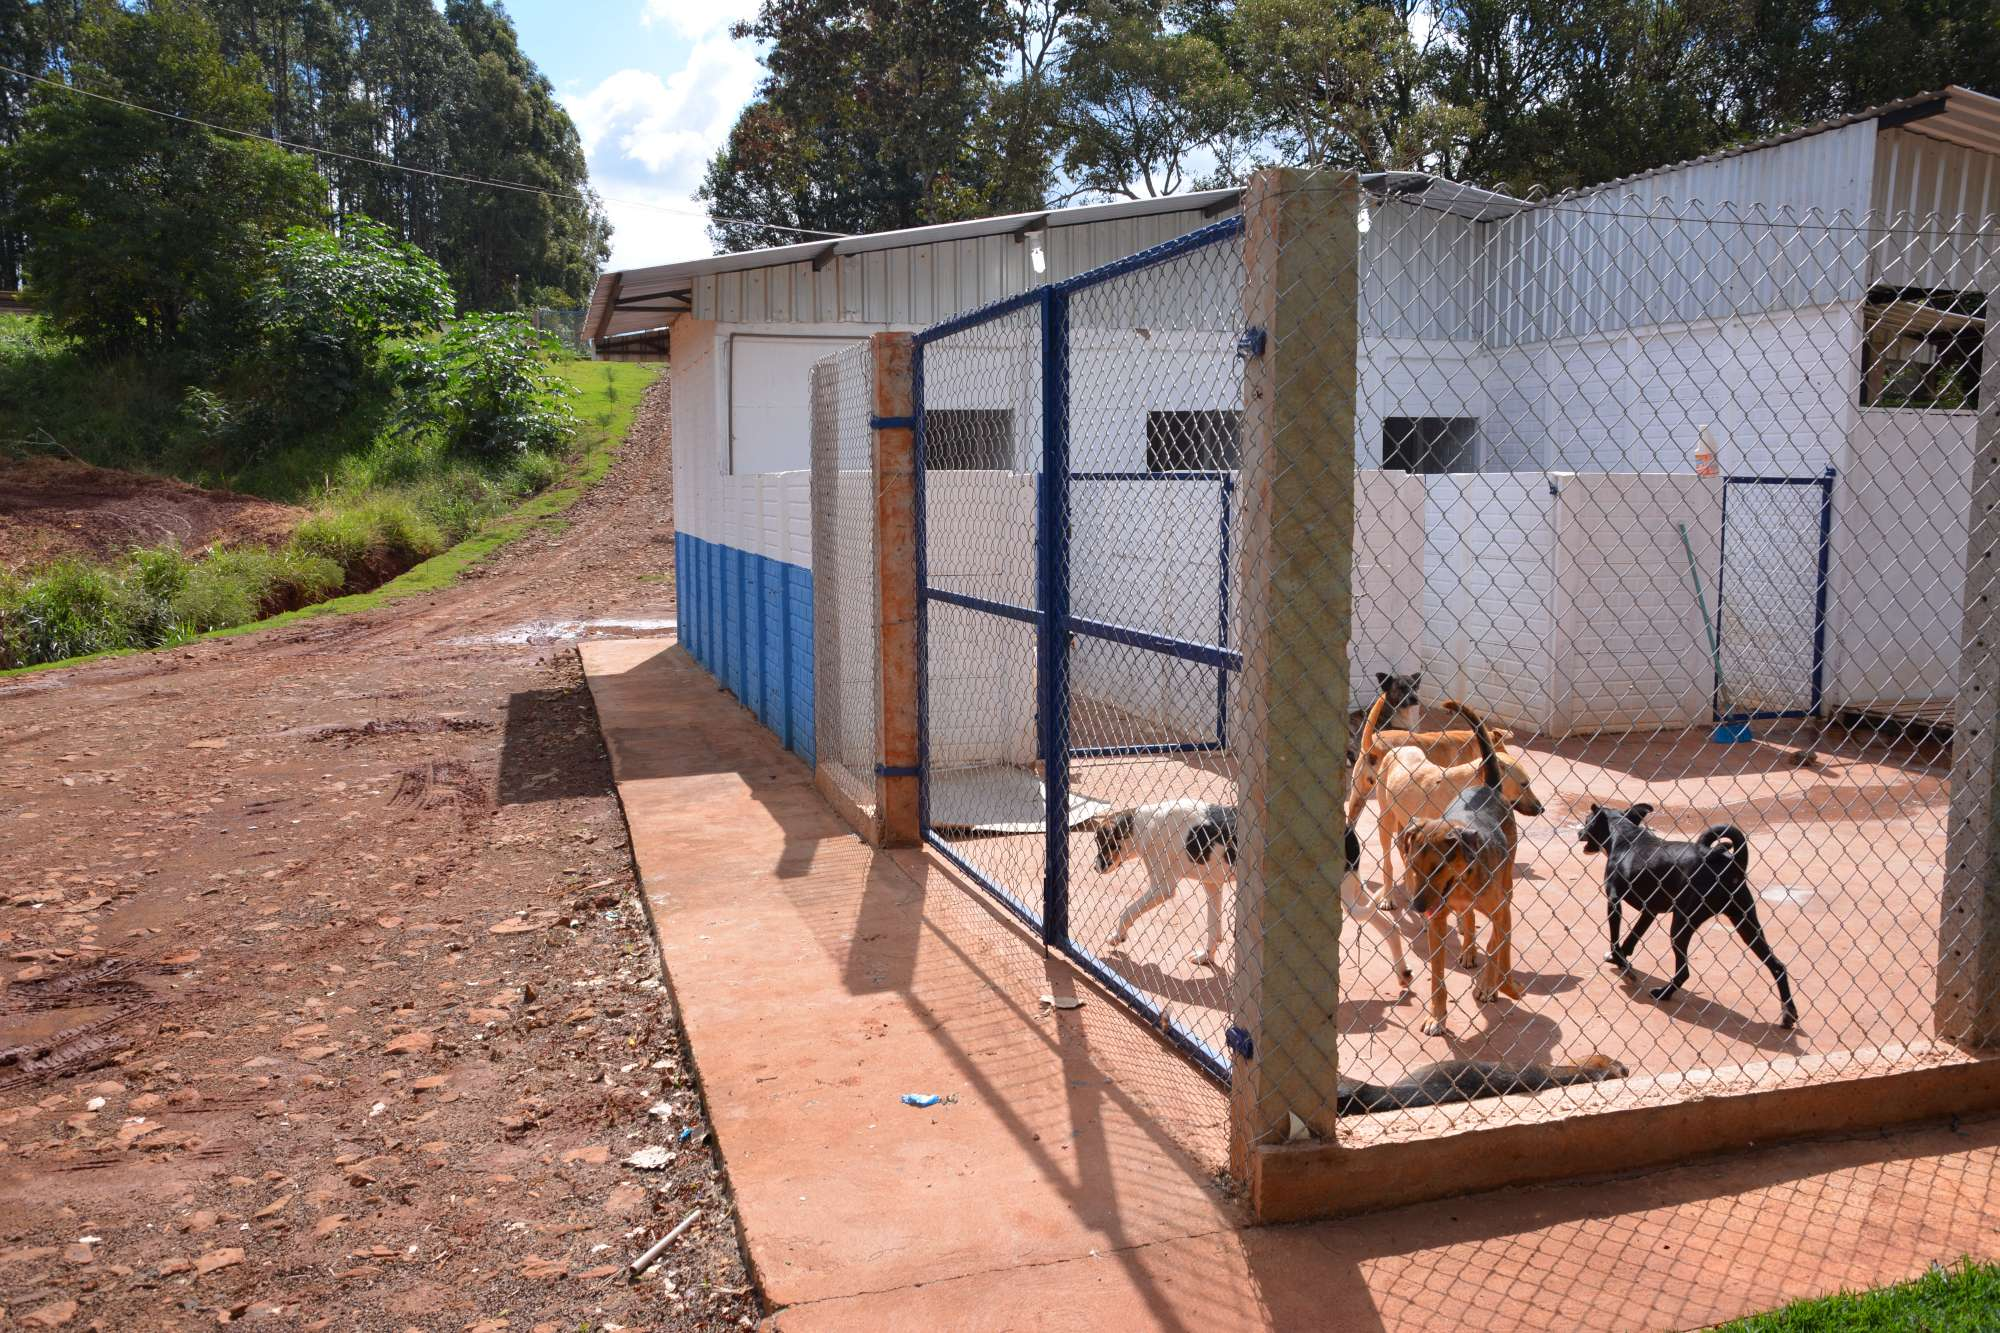 PROGRAMA MUNICIPAL DE CASTRAÇÃO E MICROCHIPAGEM  DE CÃES E GATOS JÁ ATENDEU APROXIMADAMENTE 950 ANIMAIS EM MAMBORÊ